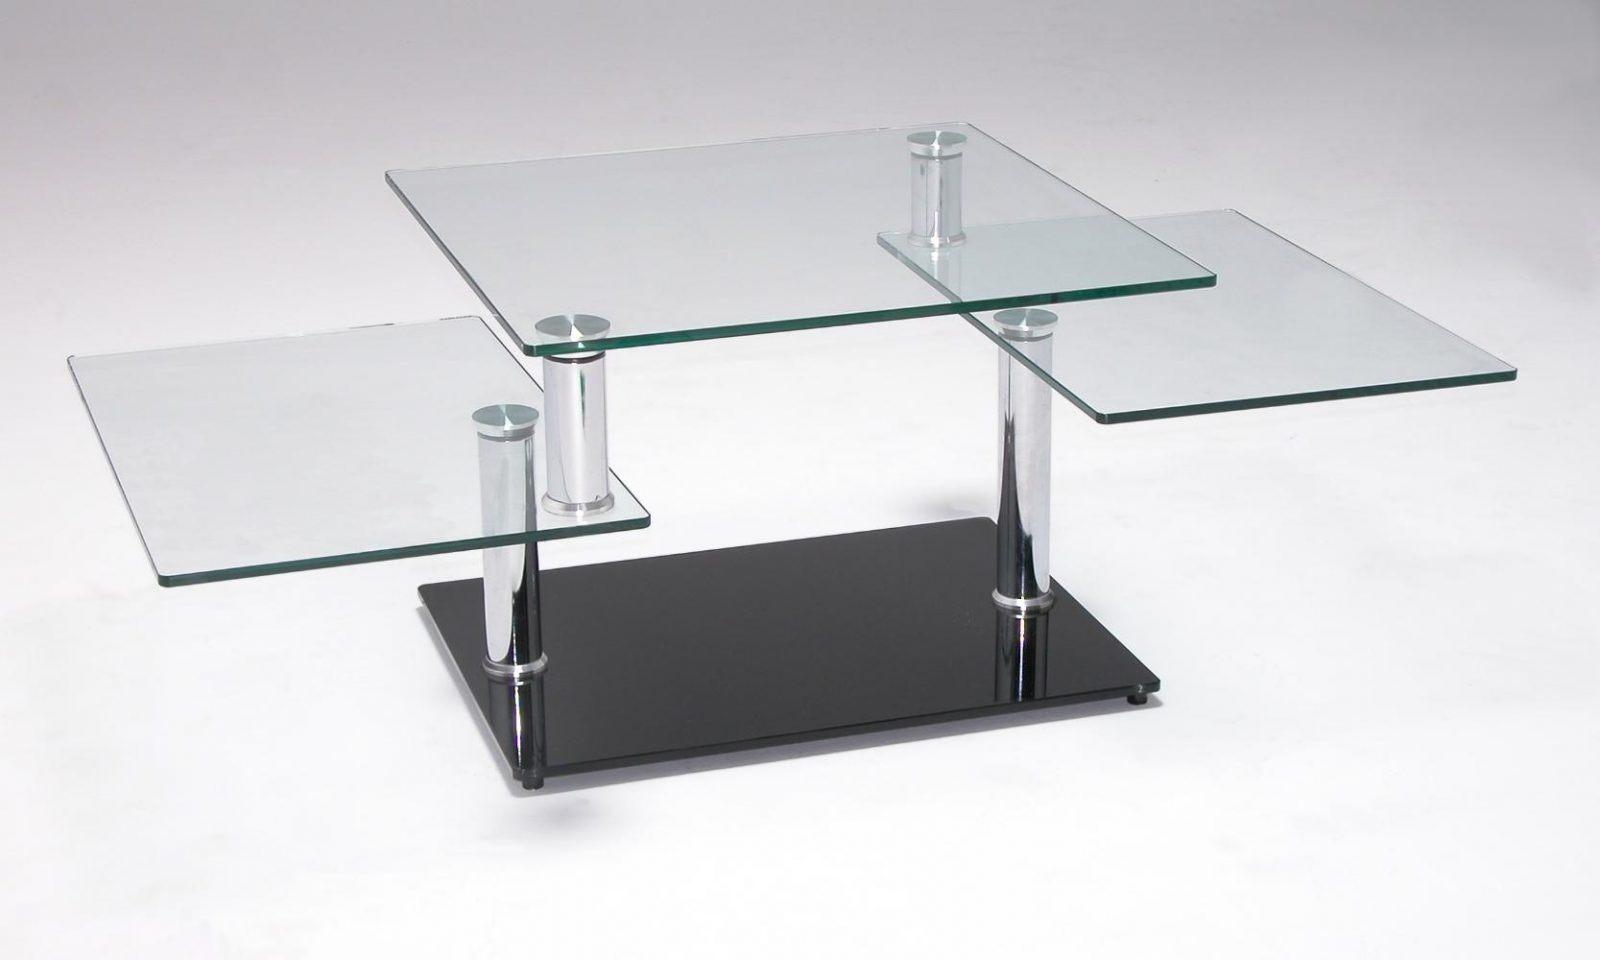 Mesa de centro moderna de vidro fotos e imagens - Sobre de cristal para mesa ...